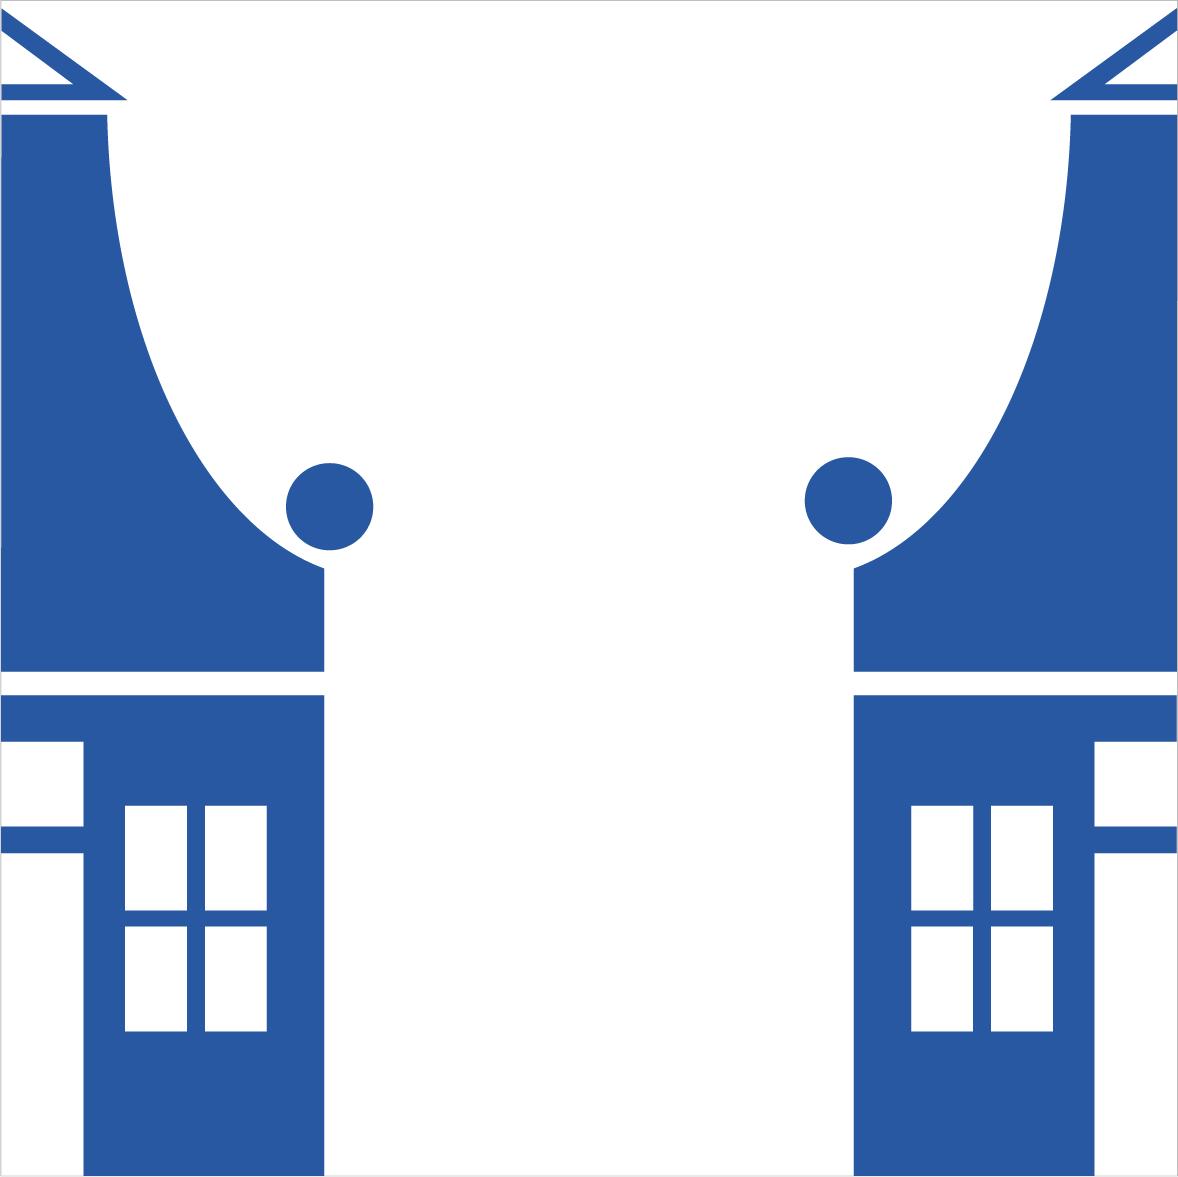 graciakhouw-H-04-blauw.png